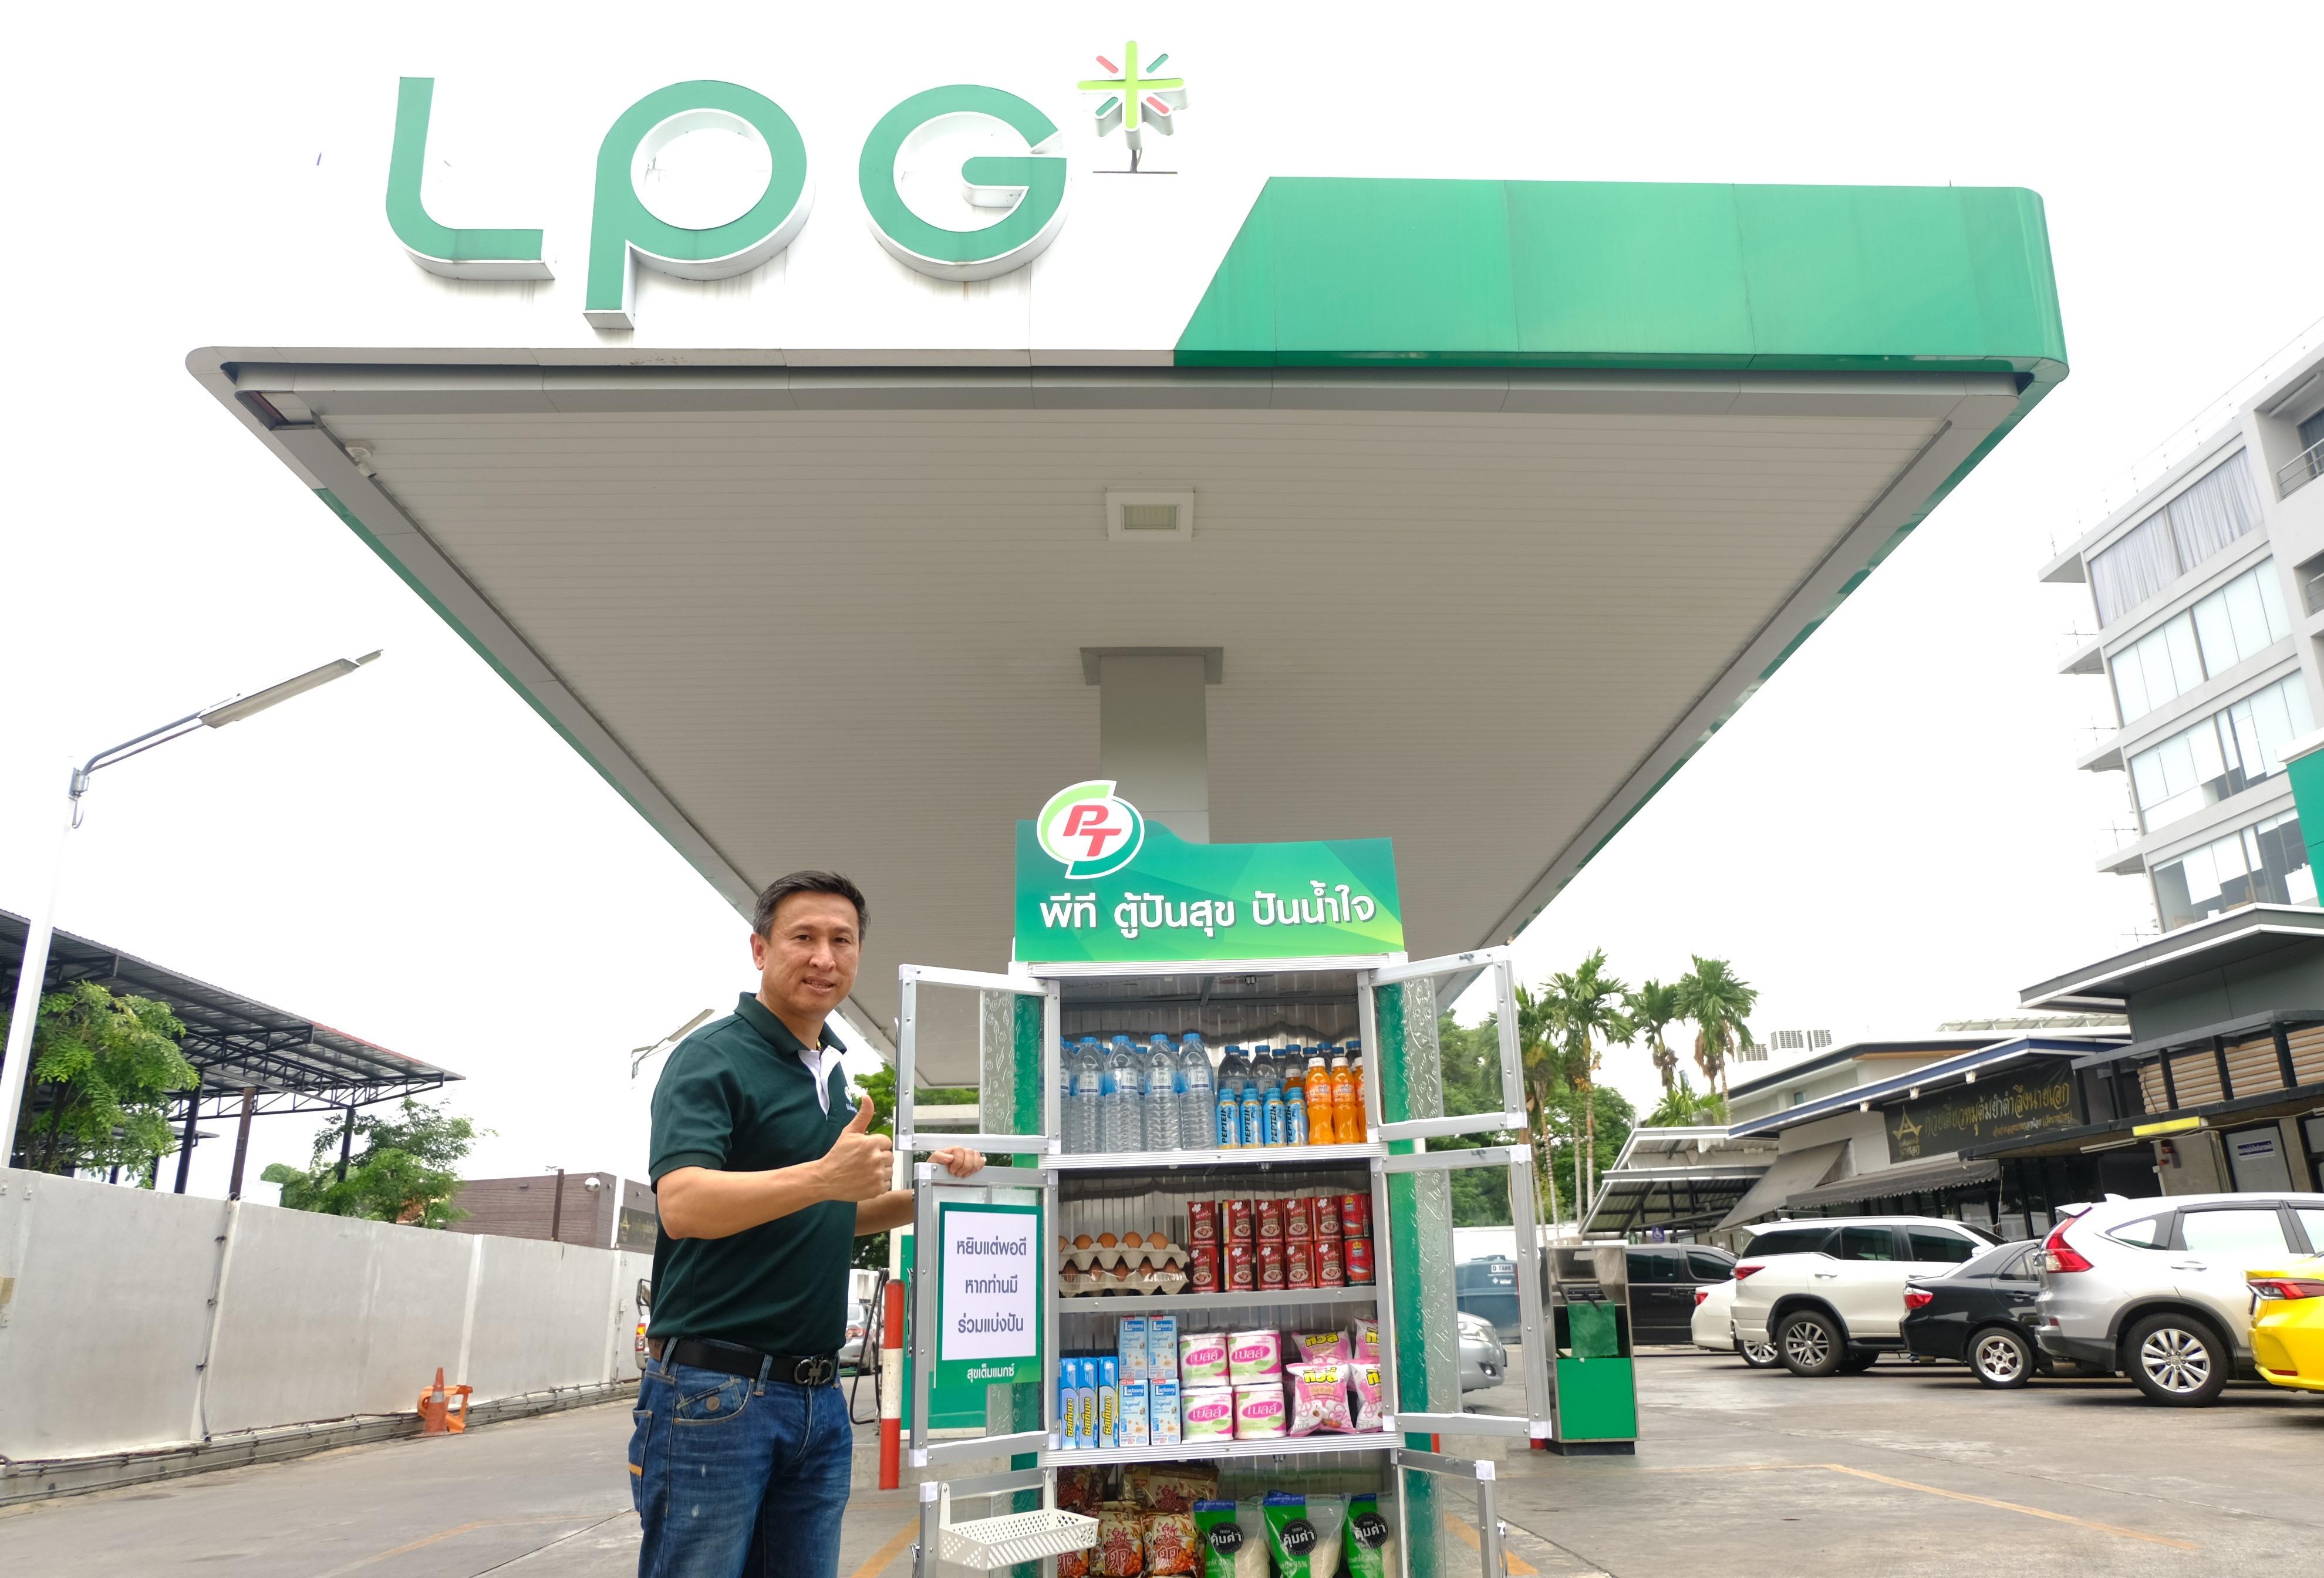 PT LPG แท็คทีม เทสโก้ โลตัส Supplier ของ MAX Mart  เพื่อจัดโครงการ พีที ตู้ปันสุข ปันน้ำใจ